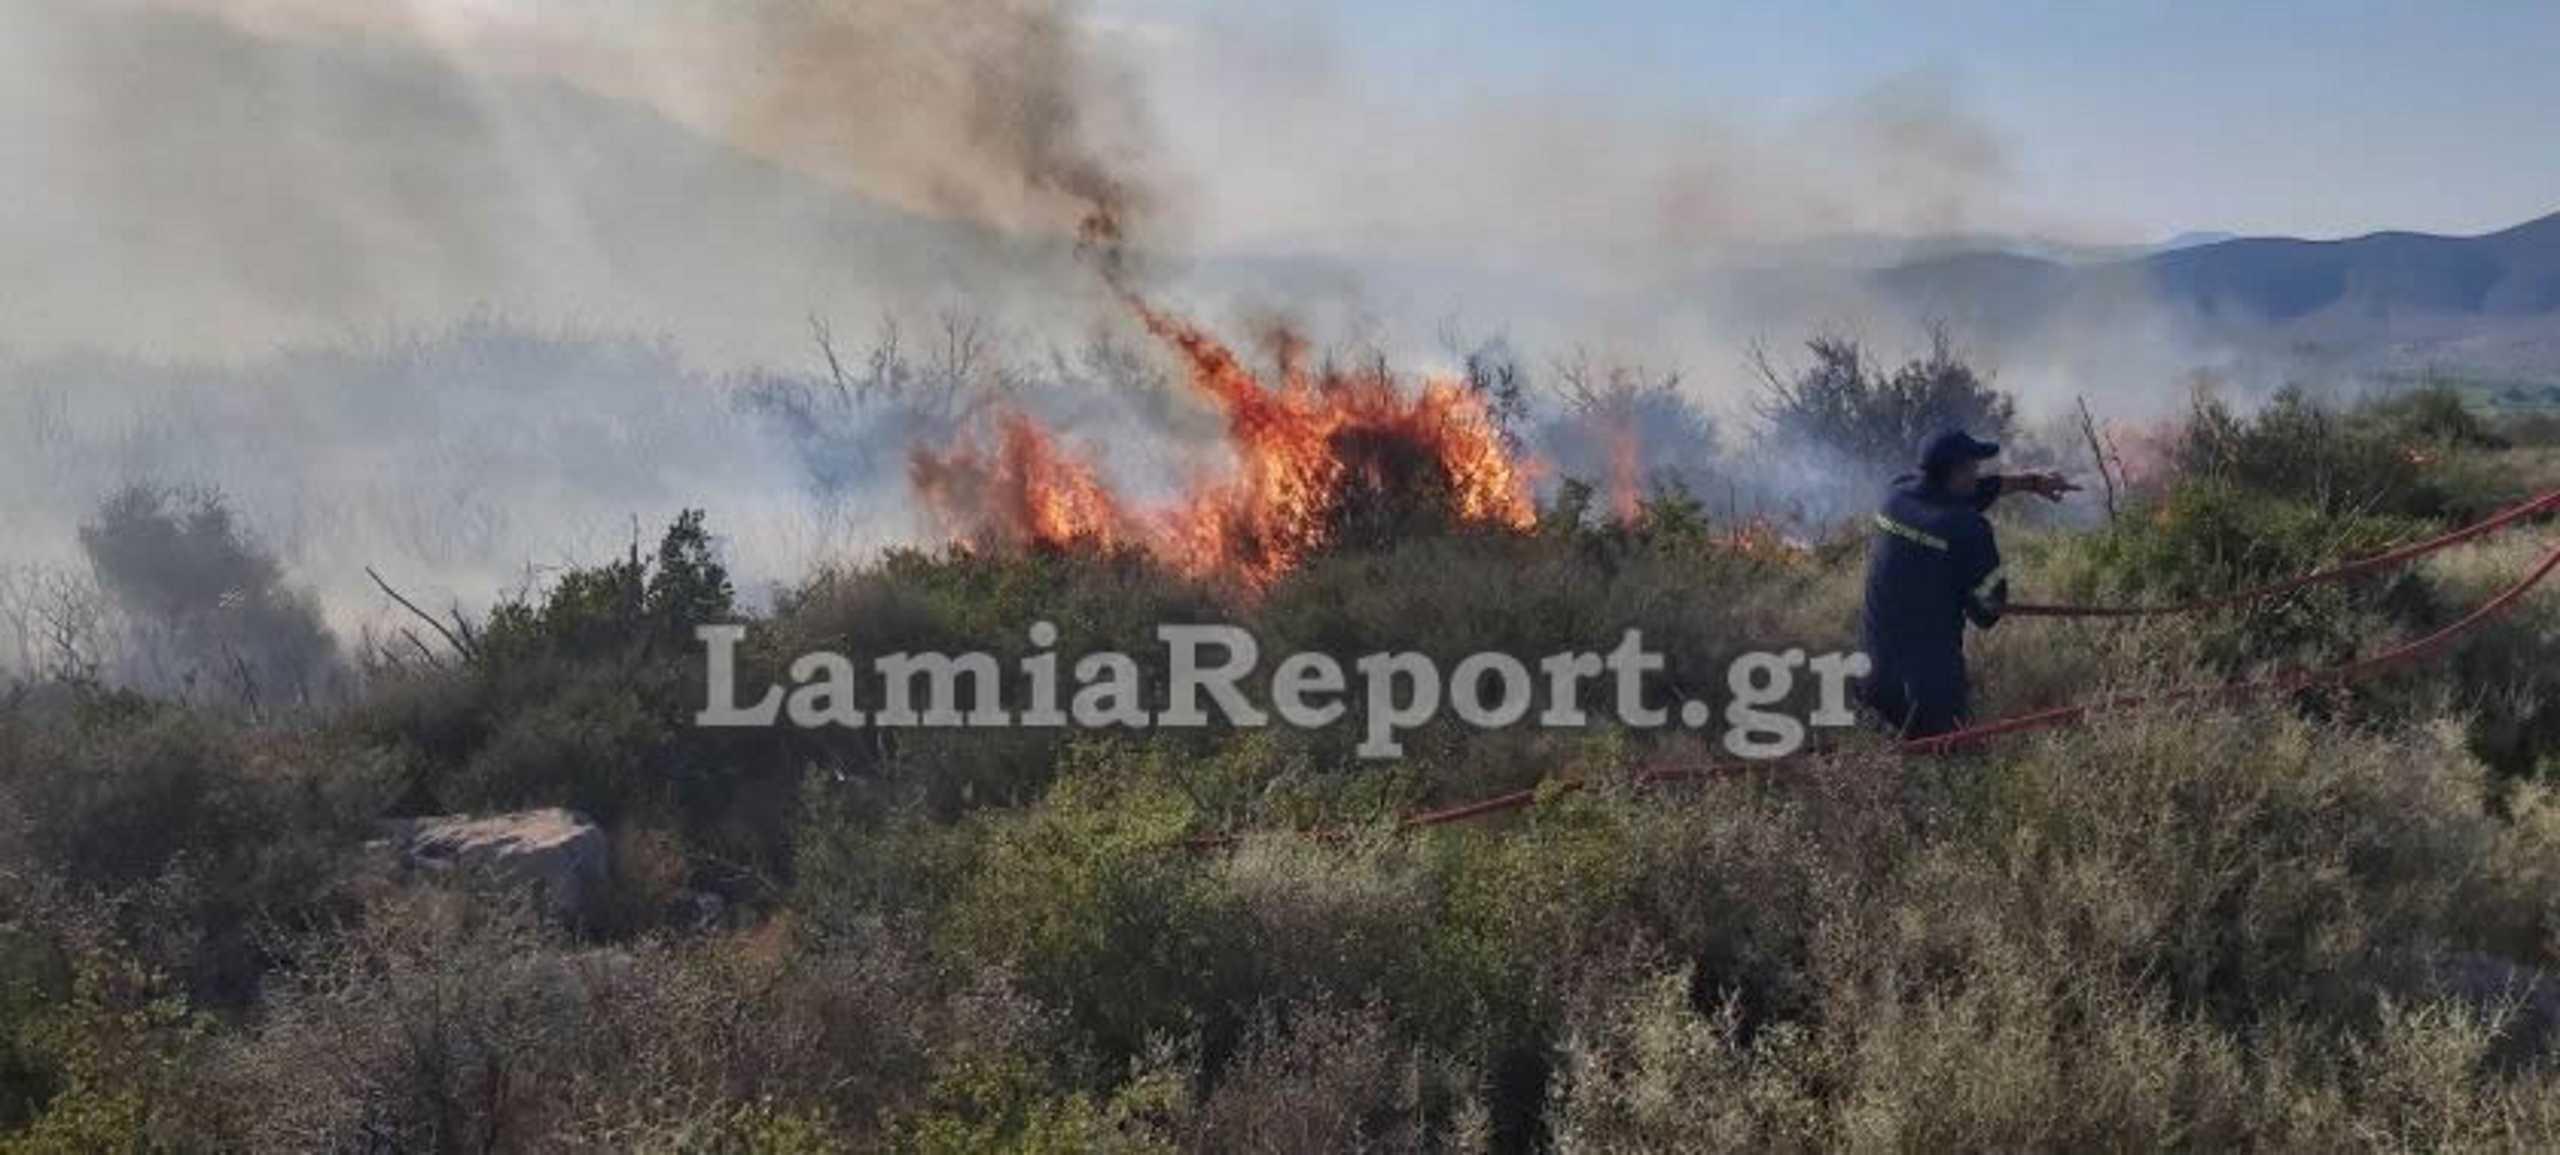 Ανεξέλεγκτη η φωτιά στη Βοιωτία (pics)